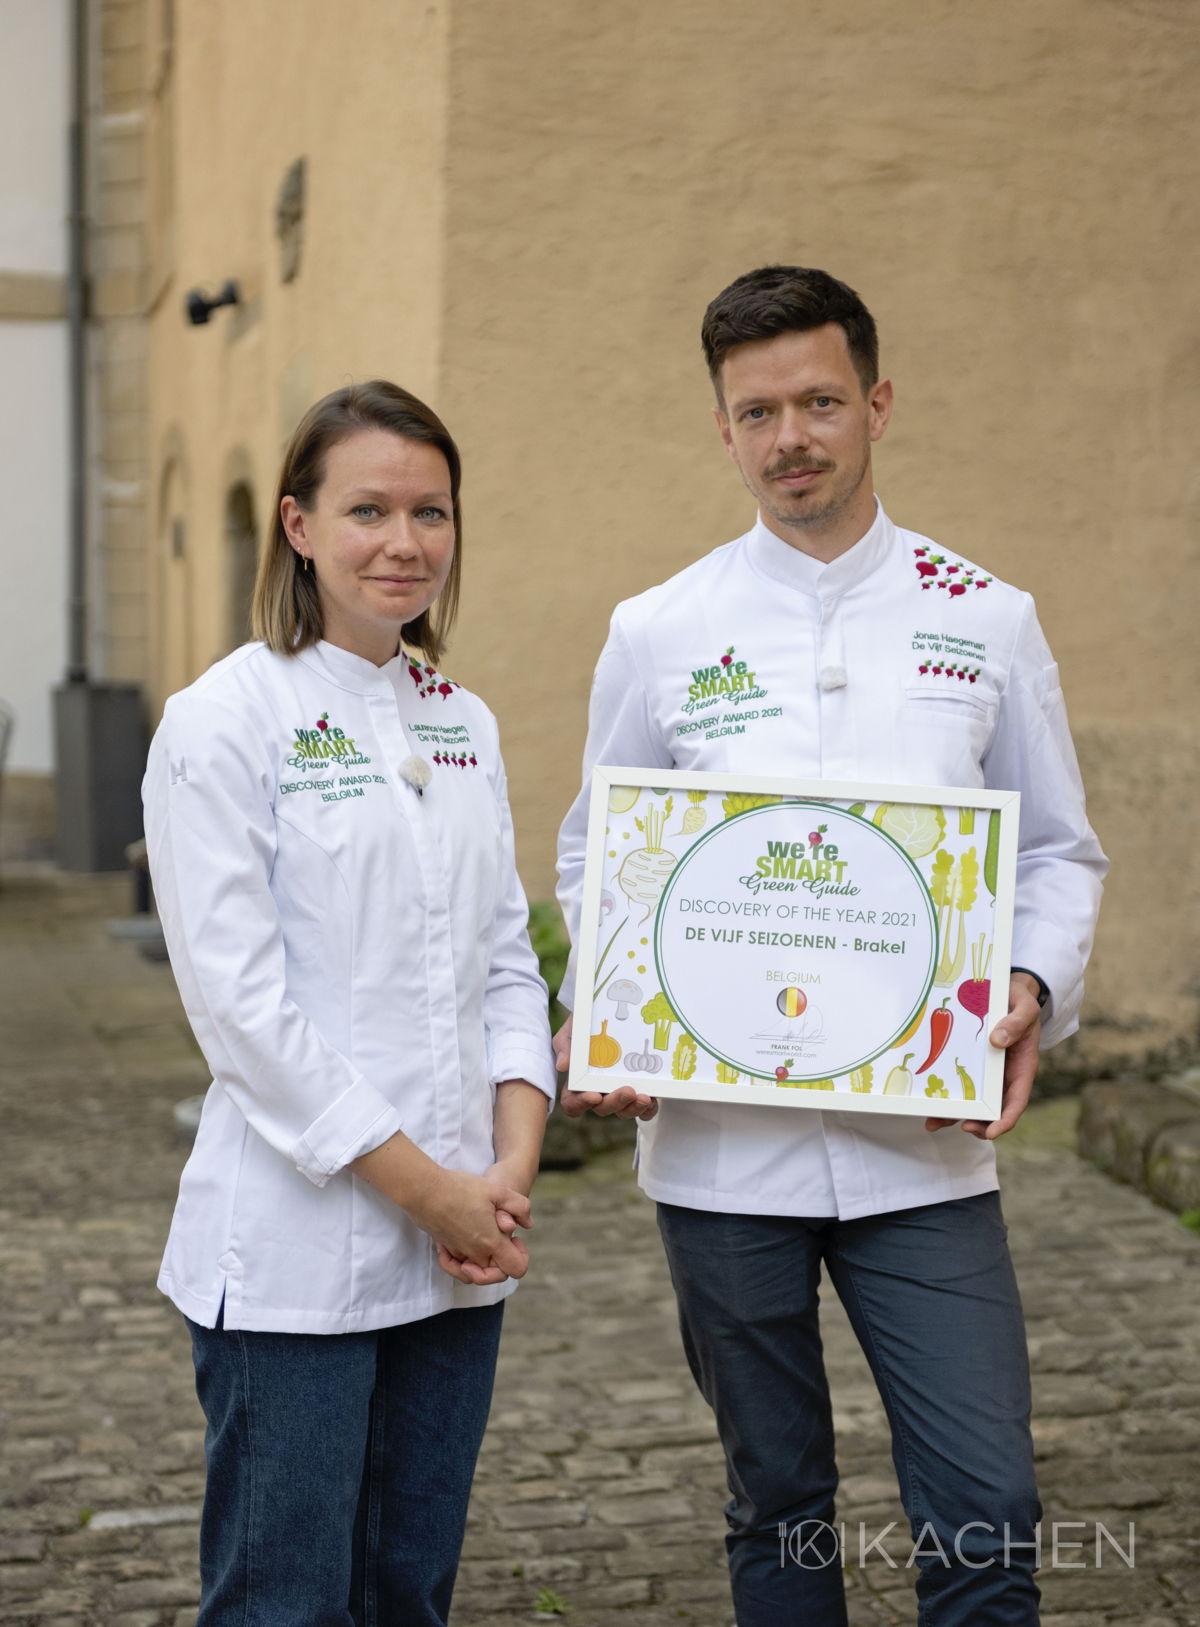 Chefs Laurence and Jonas Haegeman (De Vijf Seizoenen) - winners We